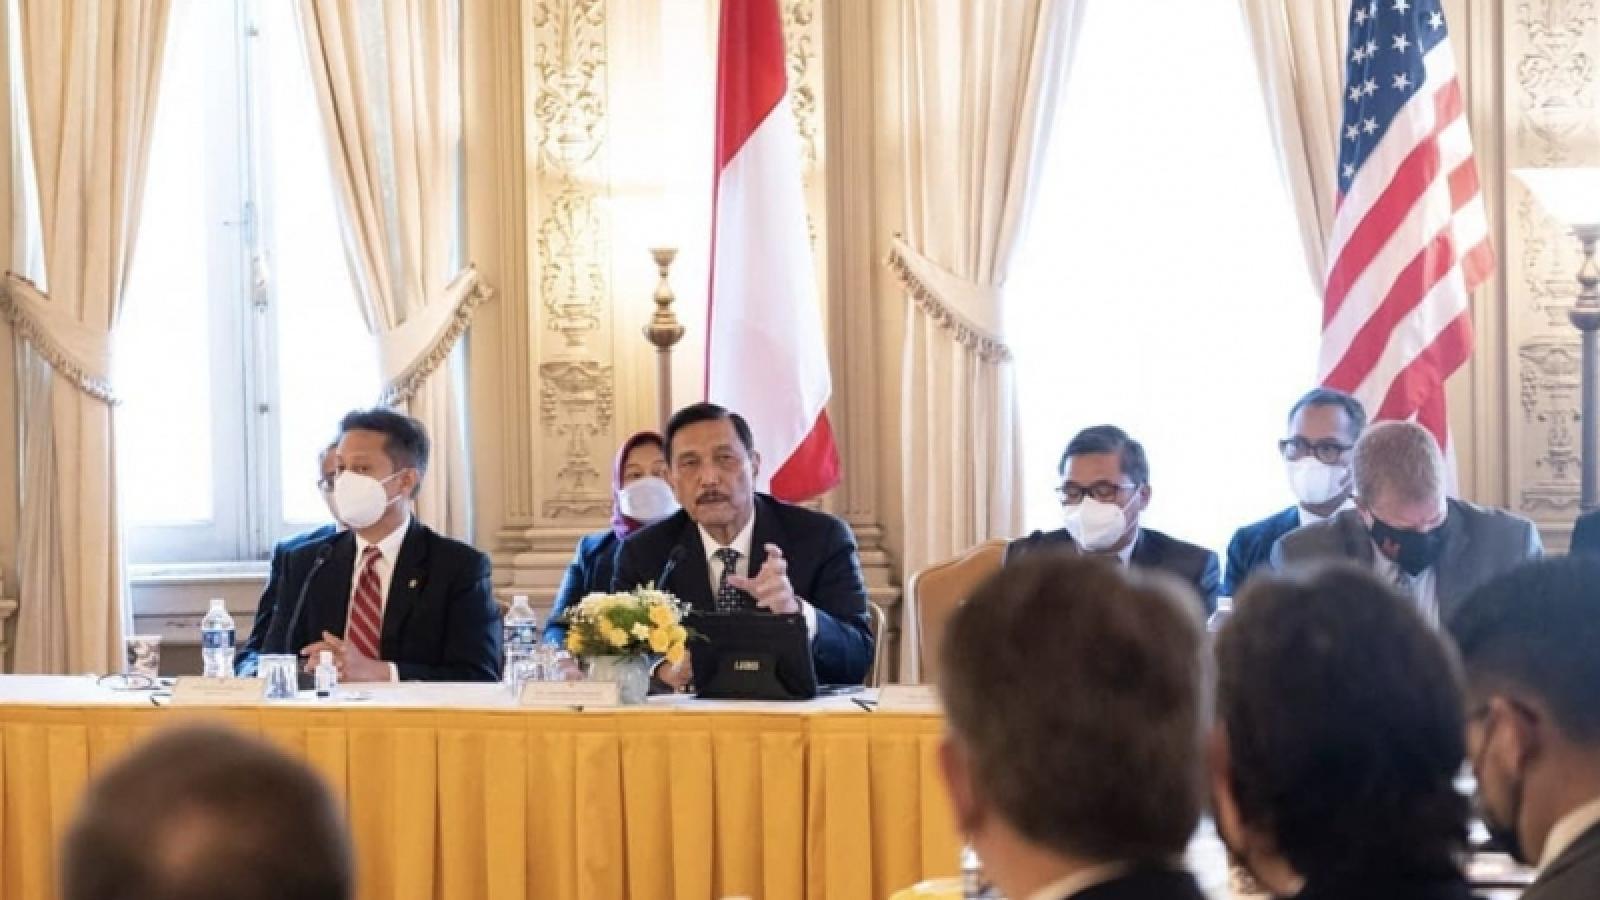 Mỹ cam kết hợp tác với Indonesia hỗ trợ Đông Nam Á thịnh vượng, ổn định